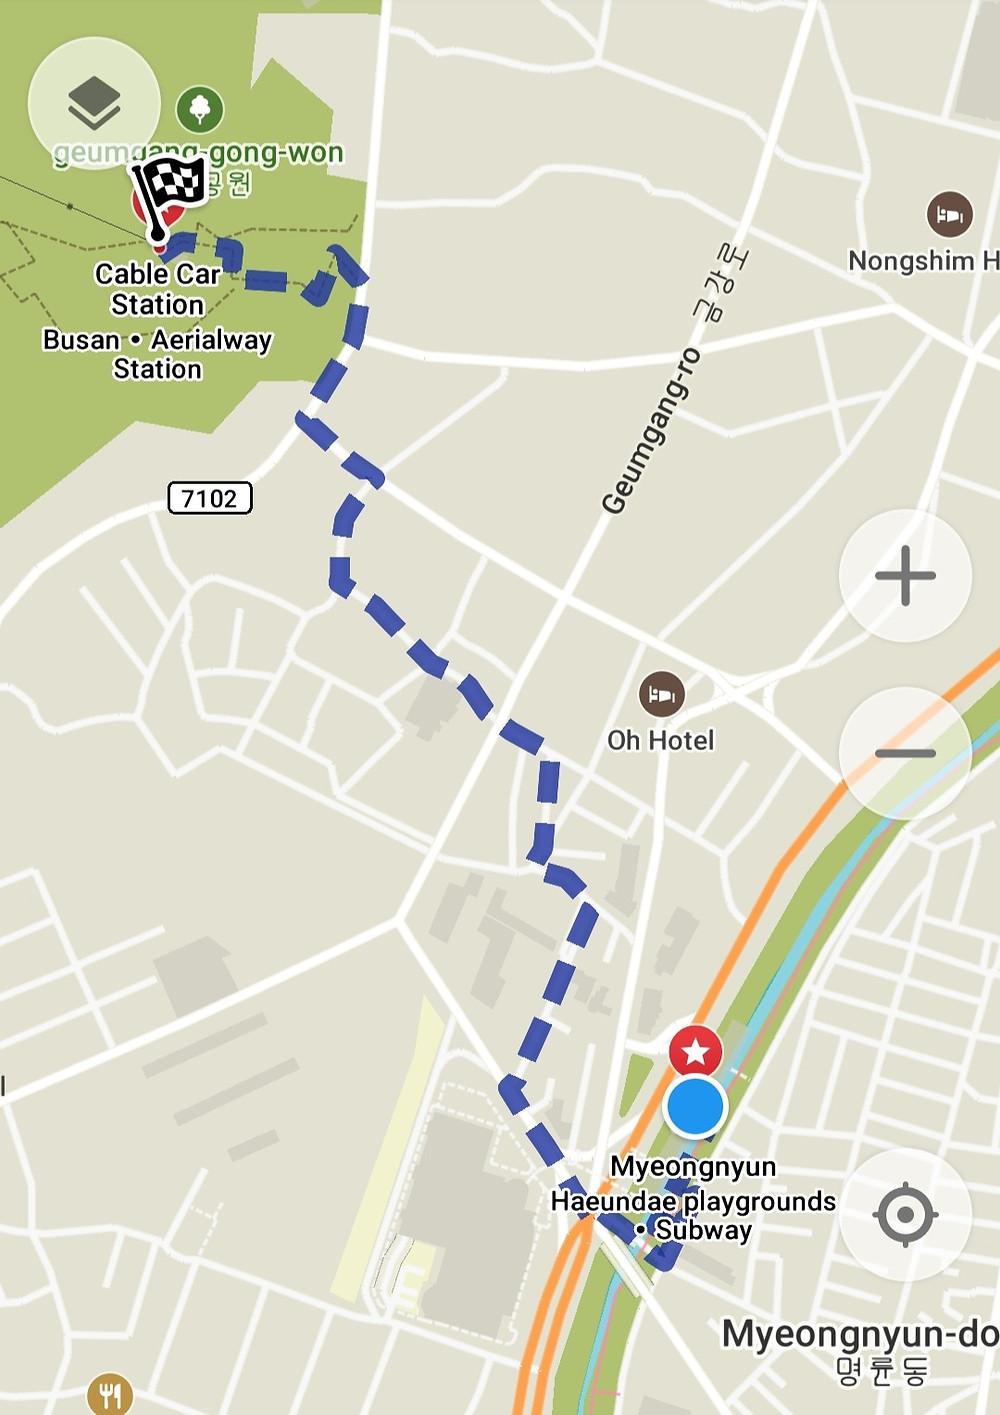 Map and Directions to Geumjeongsanseong, Busan